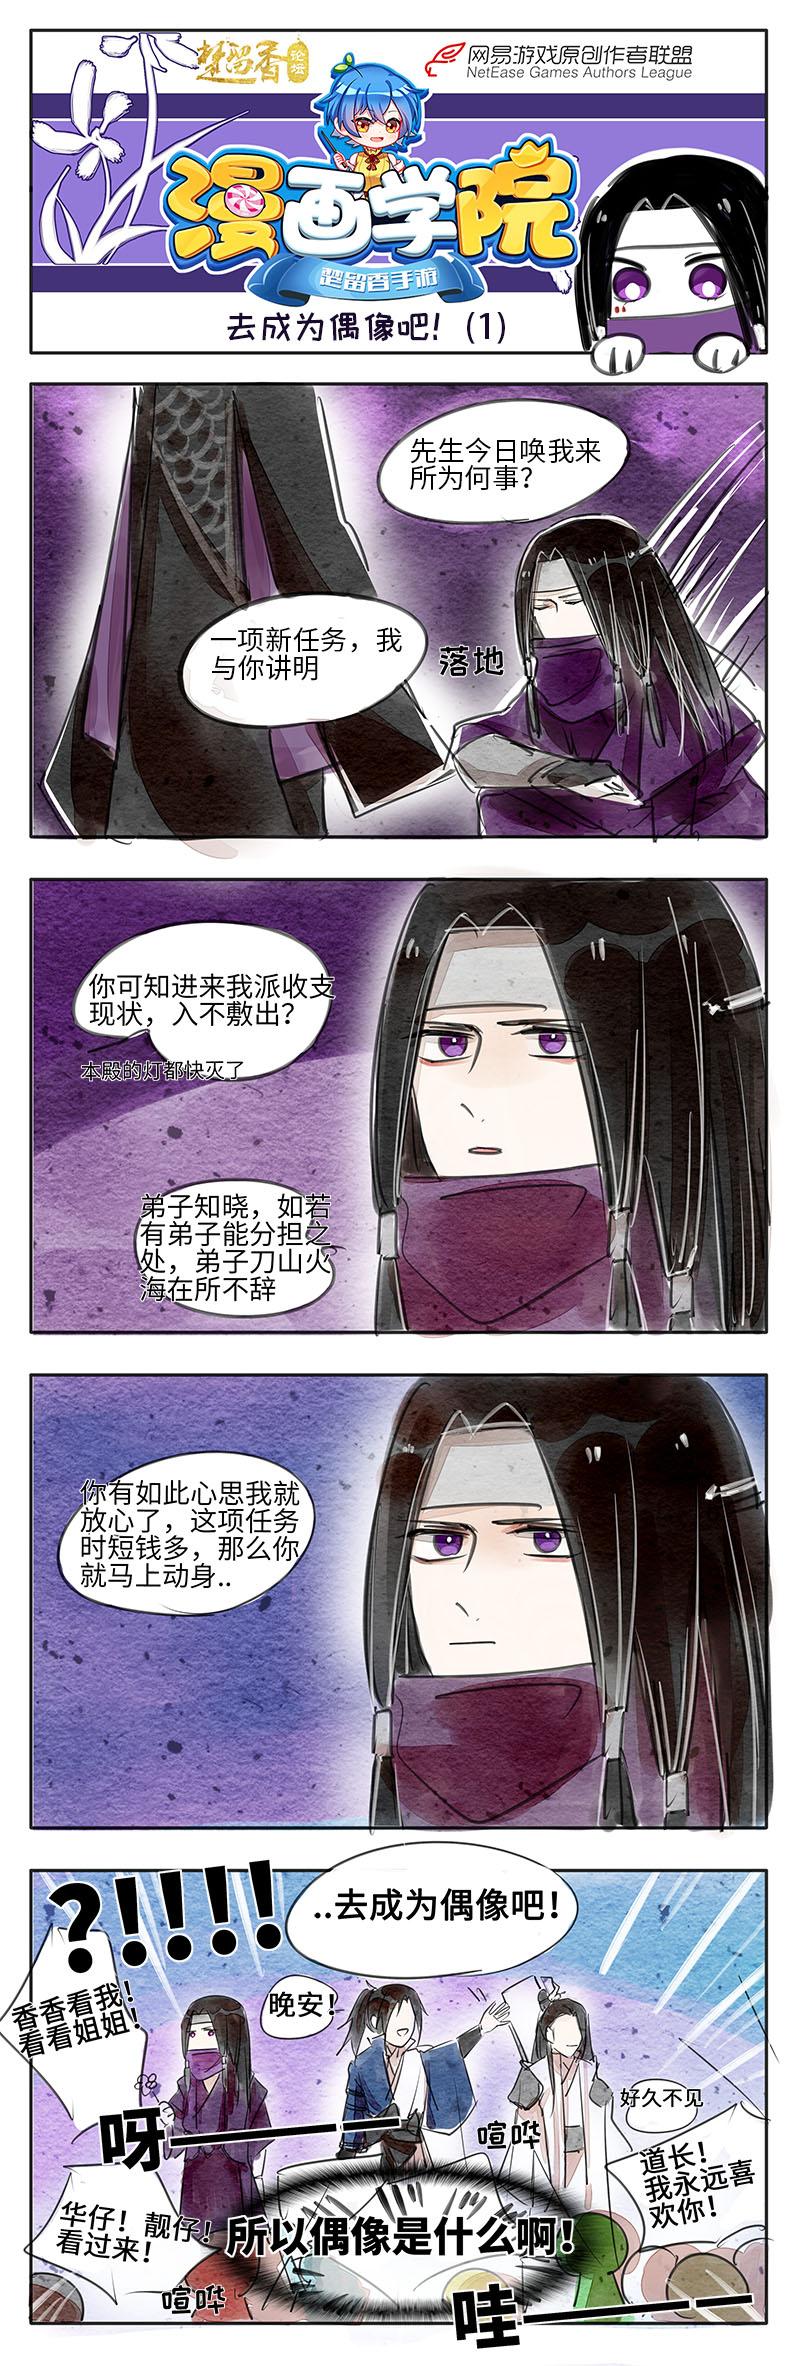 【原创作者联盟】【漫画学院】出道吧!一梦江湖!(第一话)(1)